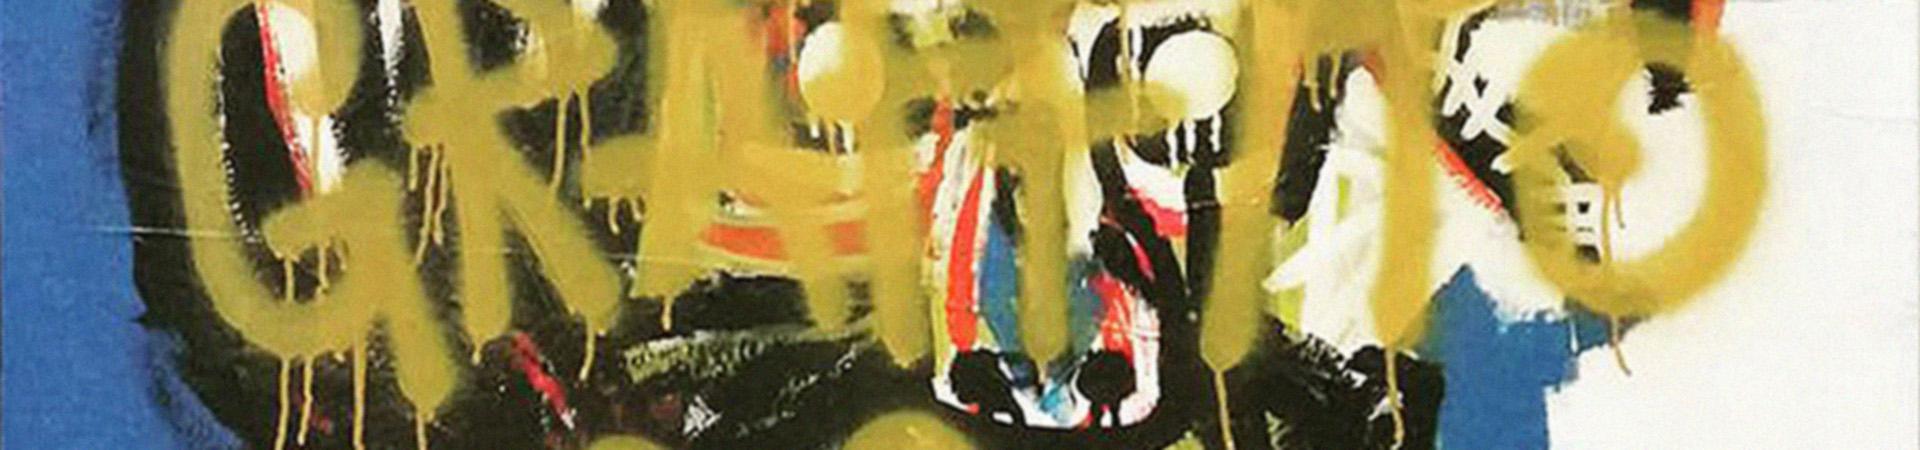 Diego Venturino - banner - arte